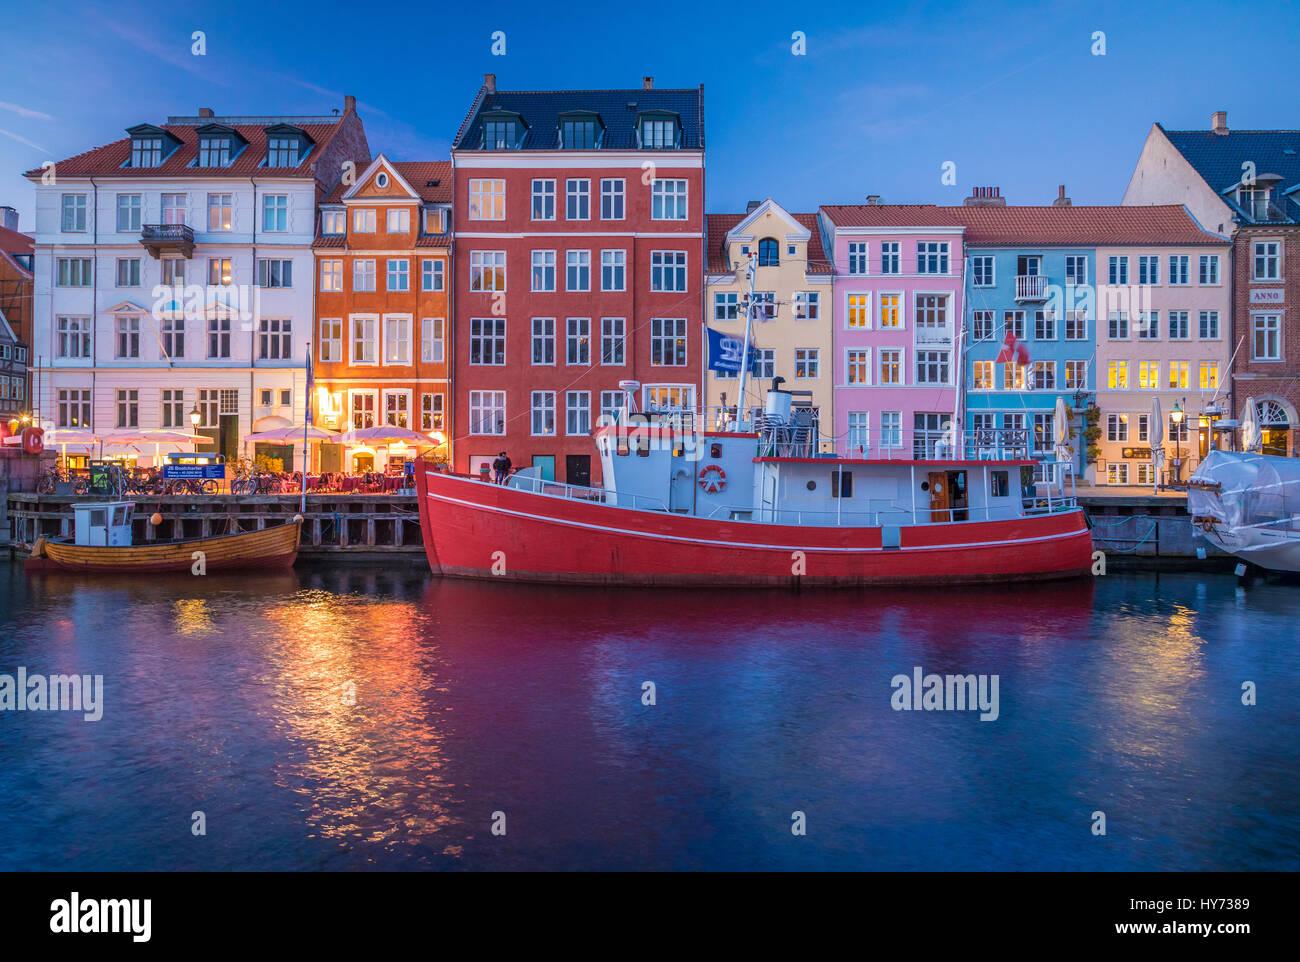 Nyhavn ist eine bunte 17. Jahrhundert am Wasser, Kanal und beliebten Vergnügungsviertel in Kopenhagen, Dänemark. Stockbild